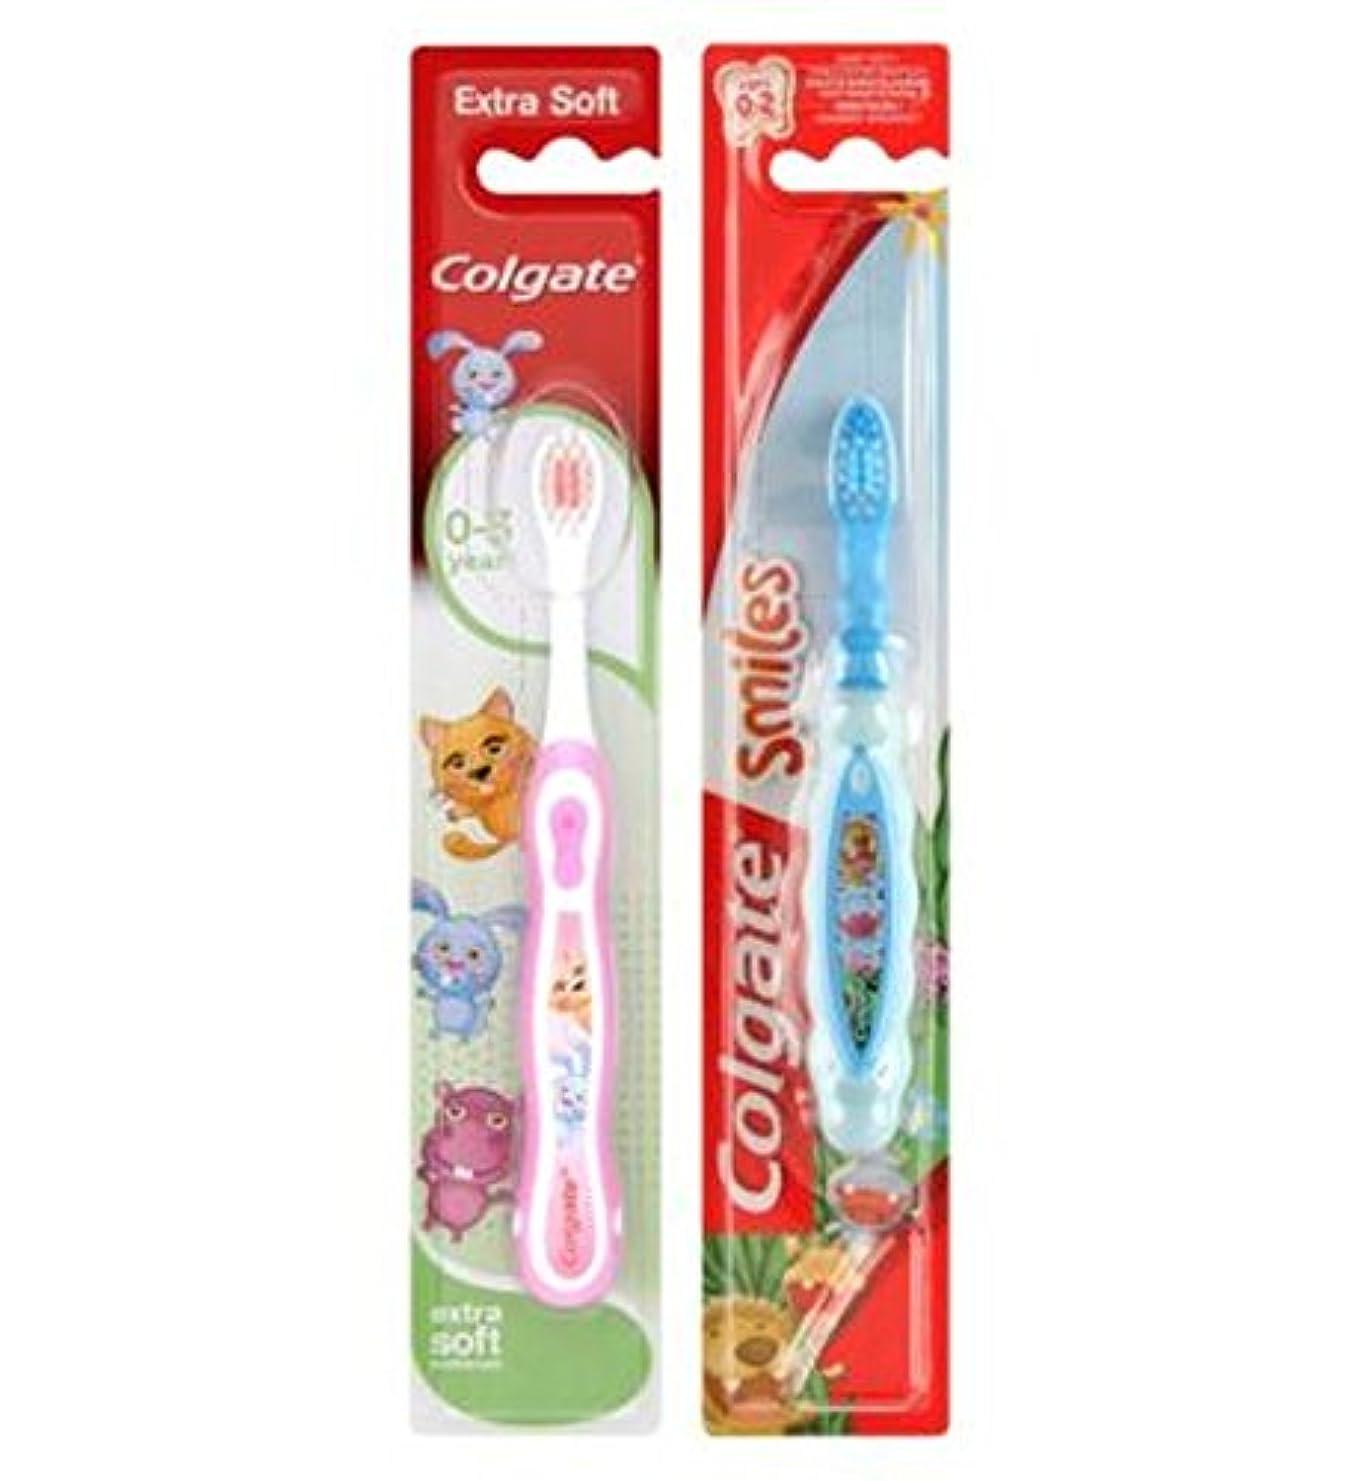 連続的準拠ブラシコルゲート私の最初の歯ブラシ (Colgate) (x2) - Colgate My First Toothbrush (Pack of 2) [並行輸入品]